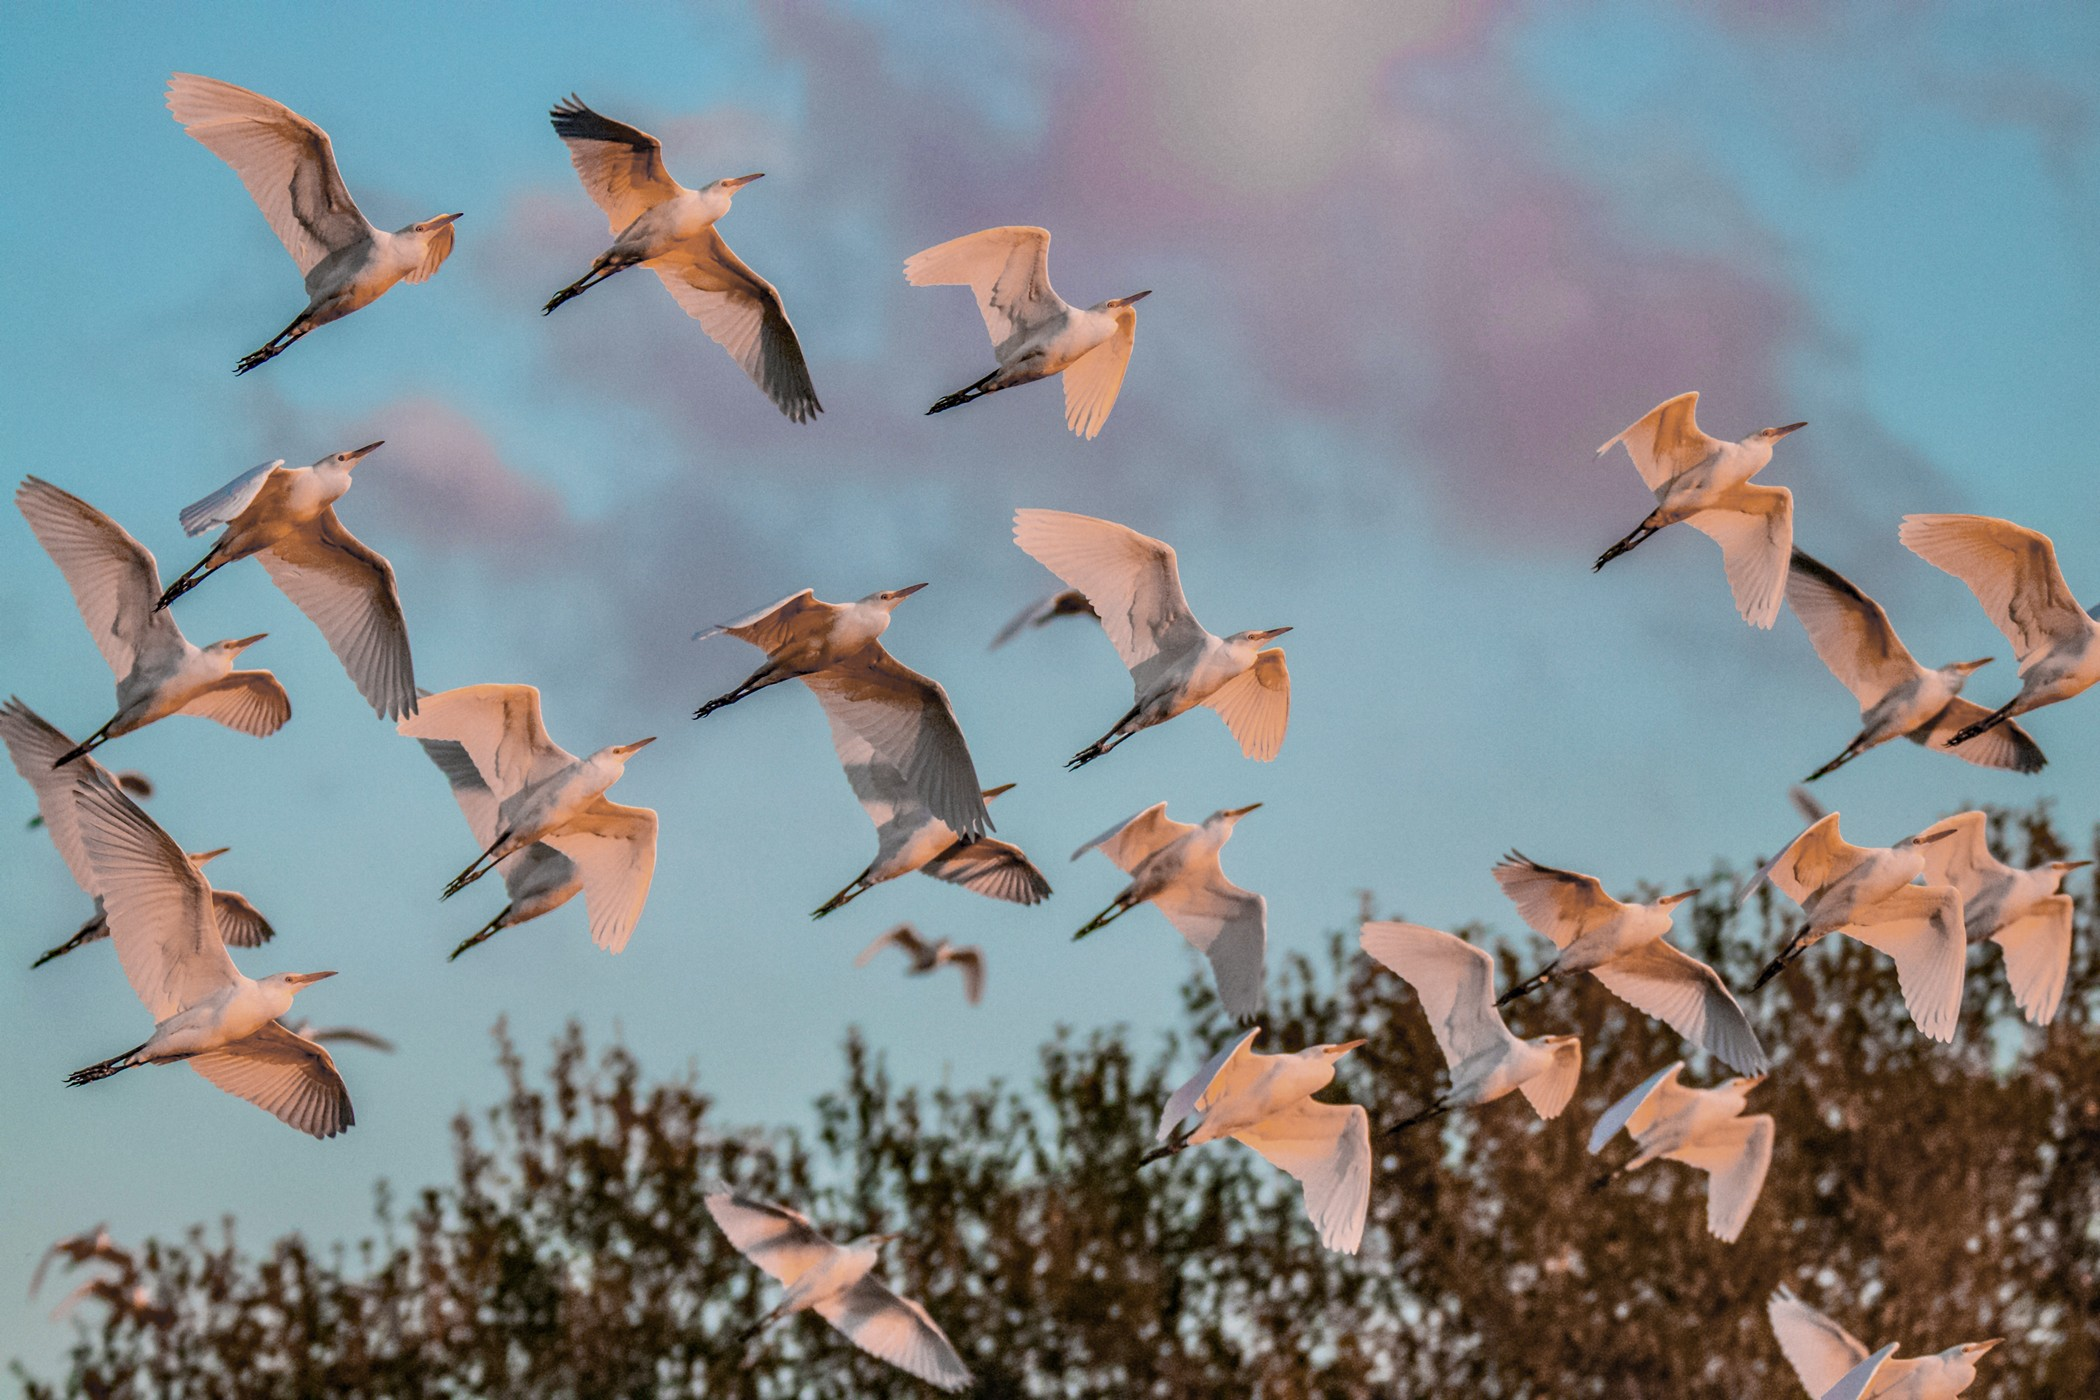 265-cattle egret-flying-(2)-f-rd.jpg